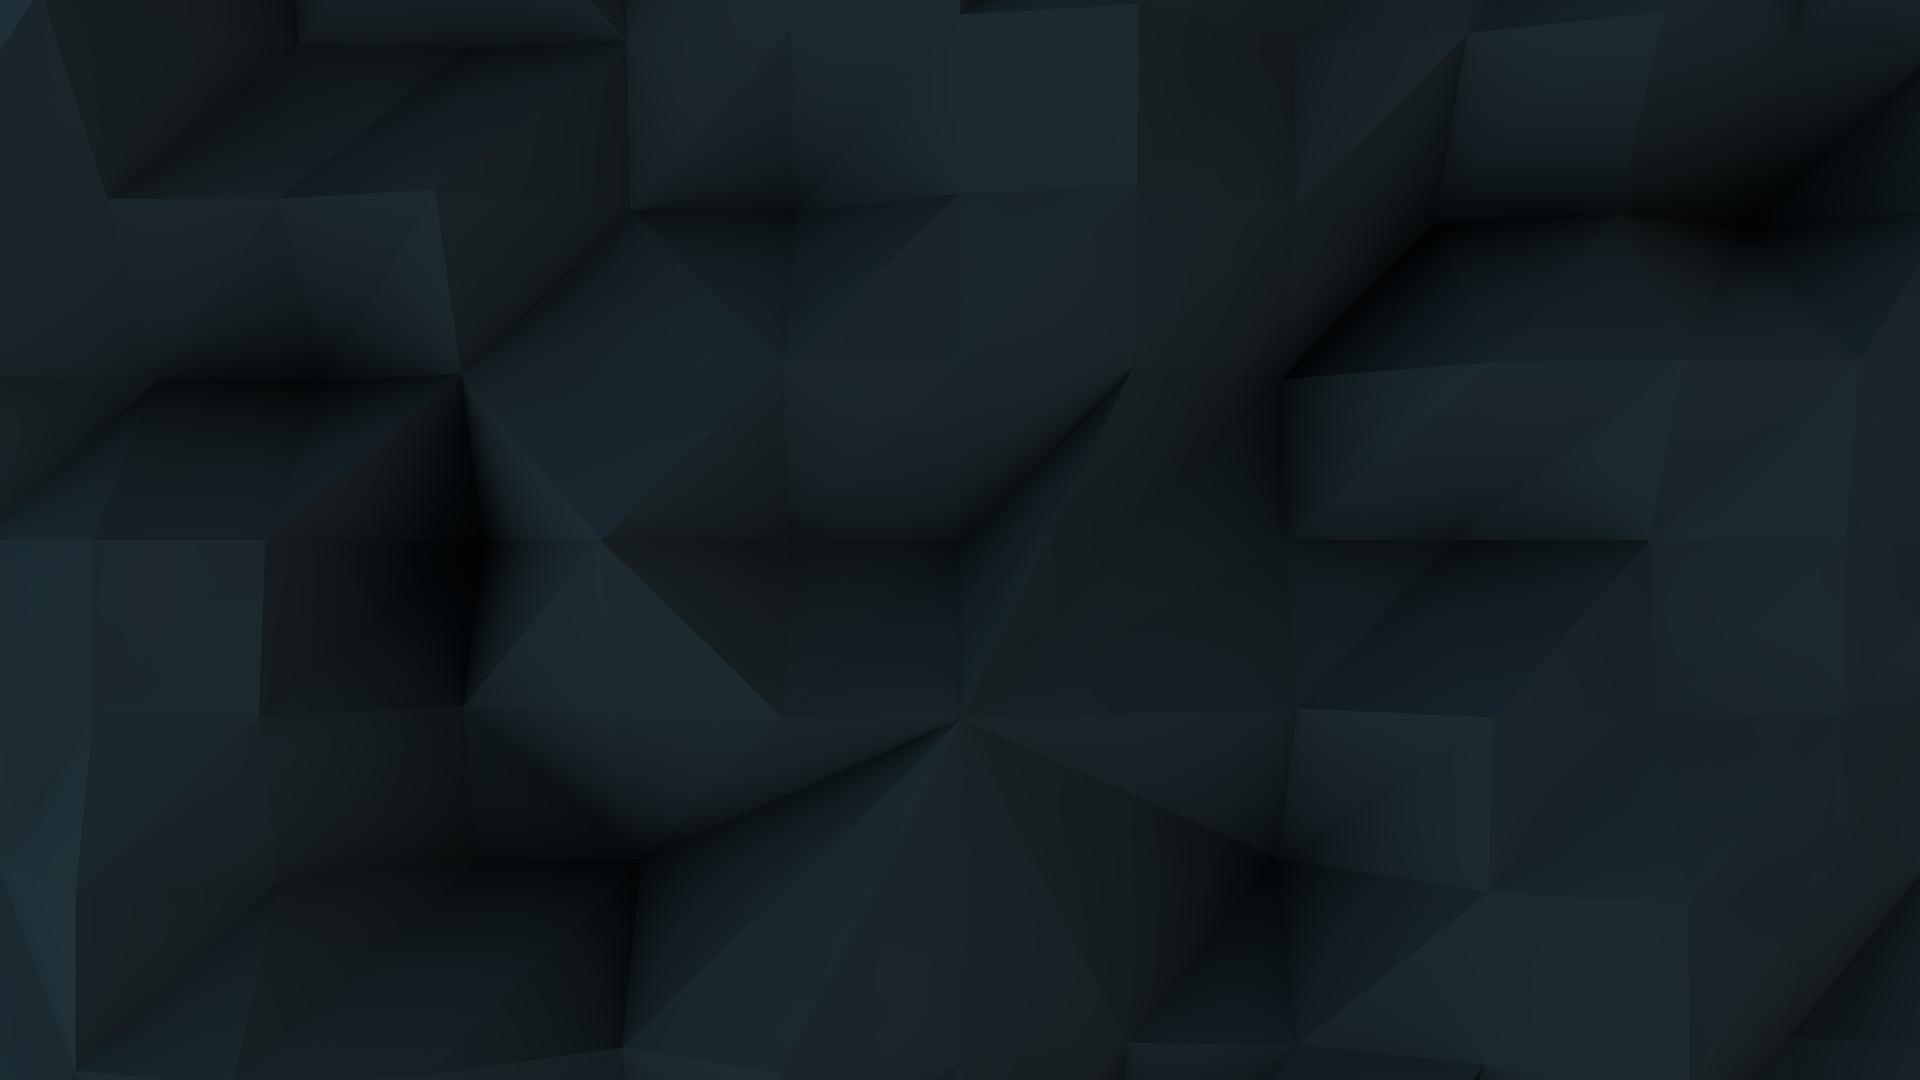 Black Low Poly HD Wallpaper 1920x1080